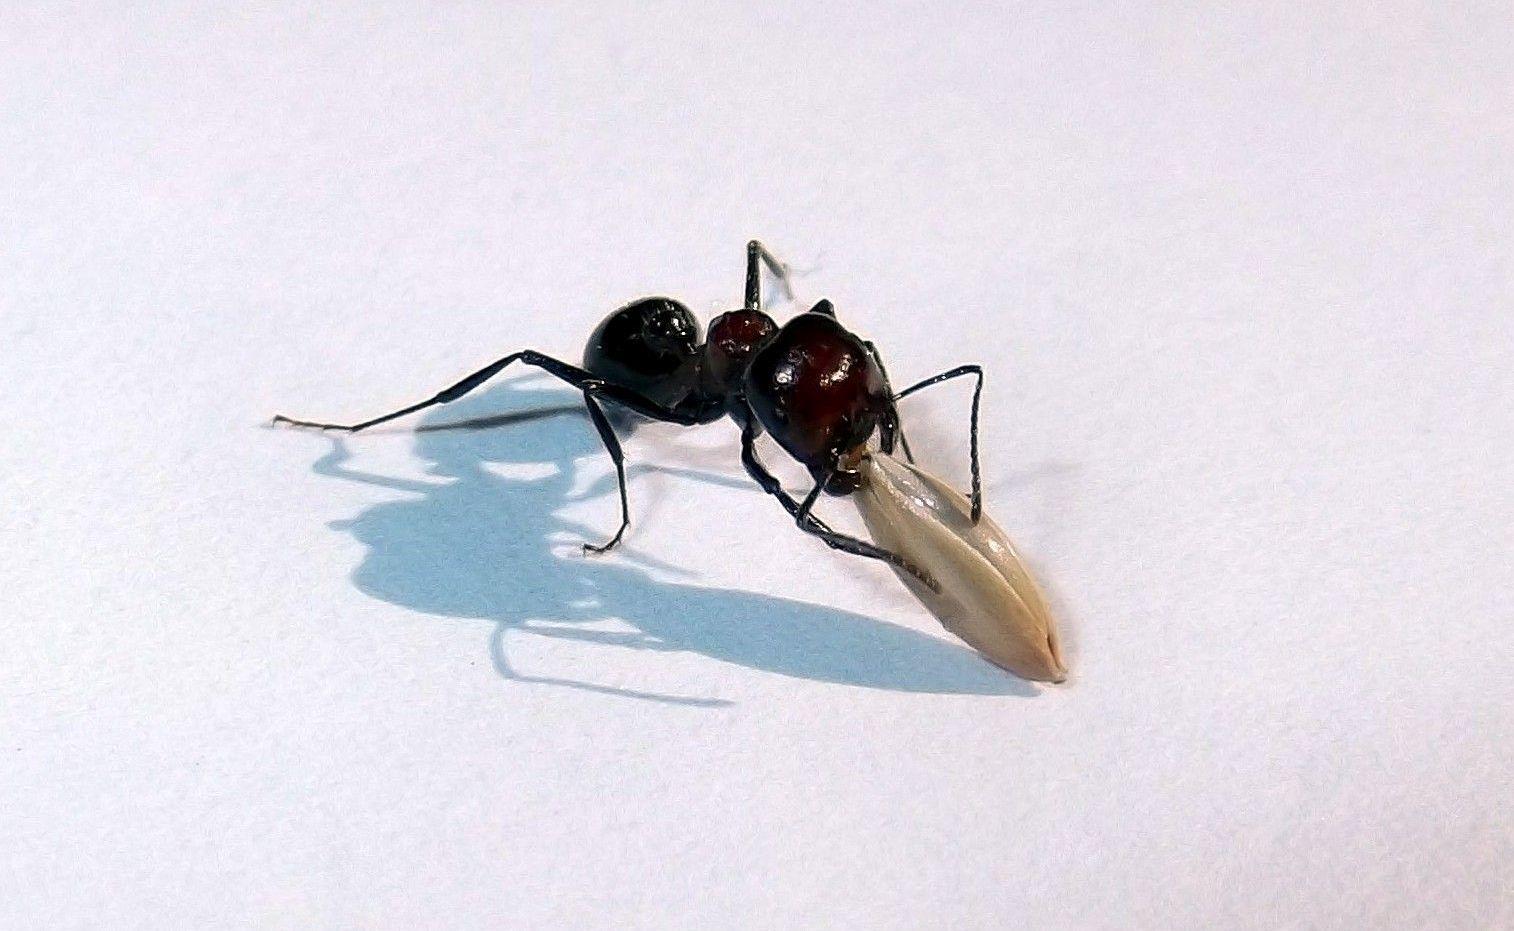 Znaczenie mrówek: mrówki roznoszą nasiona